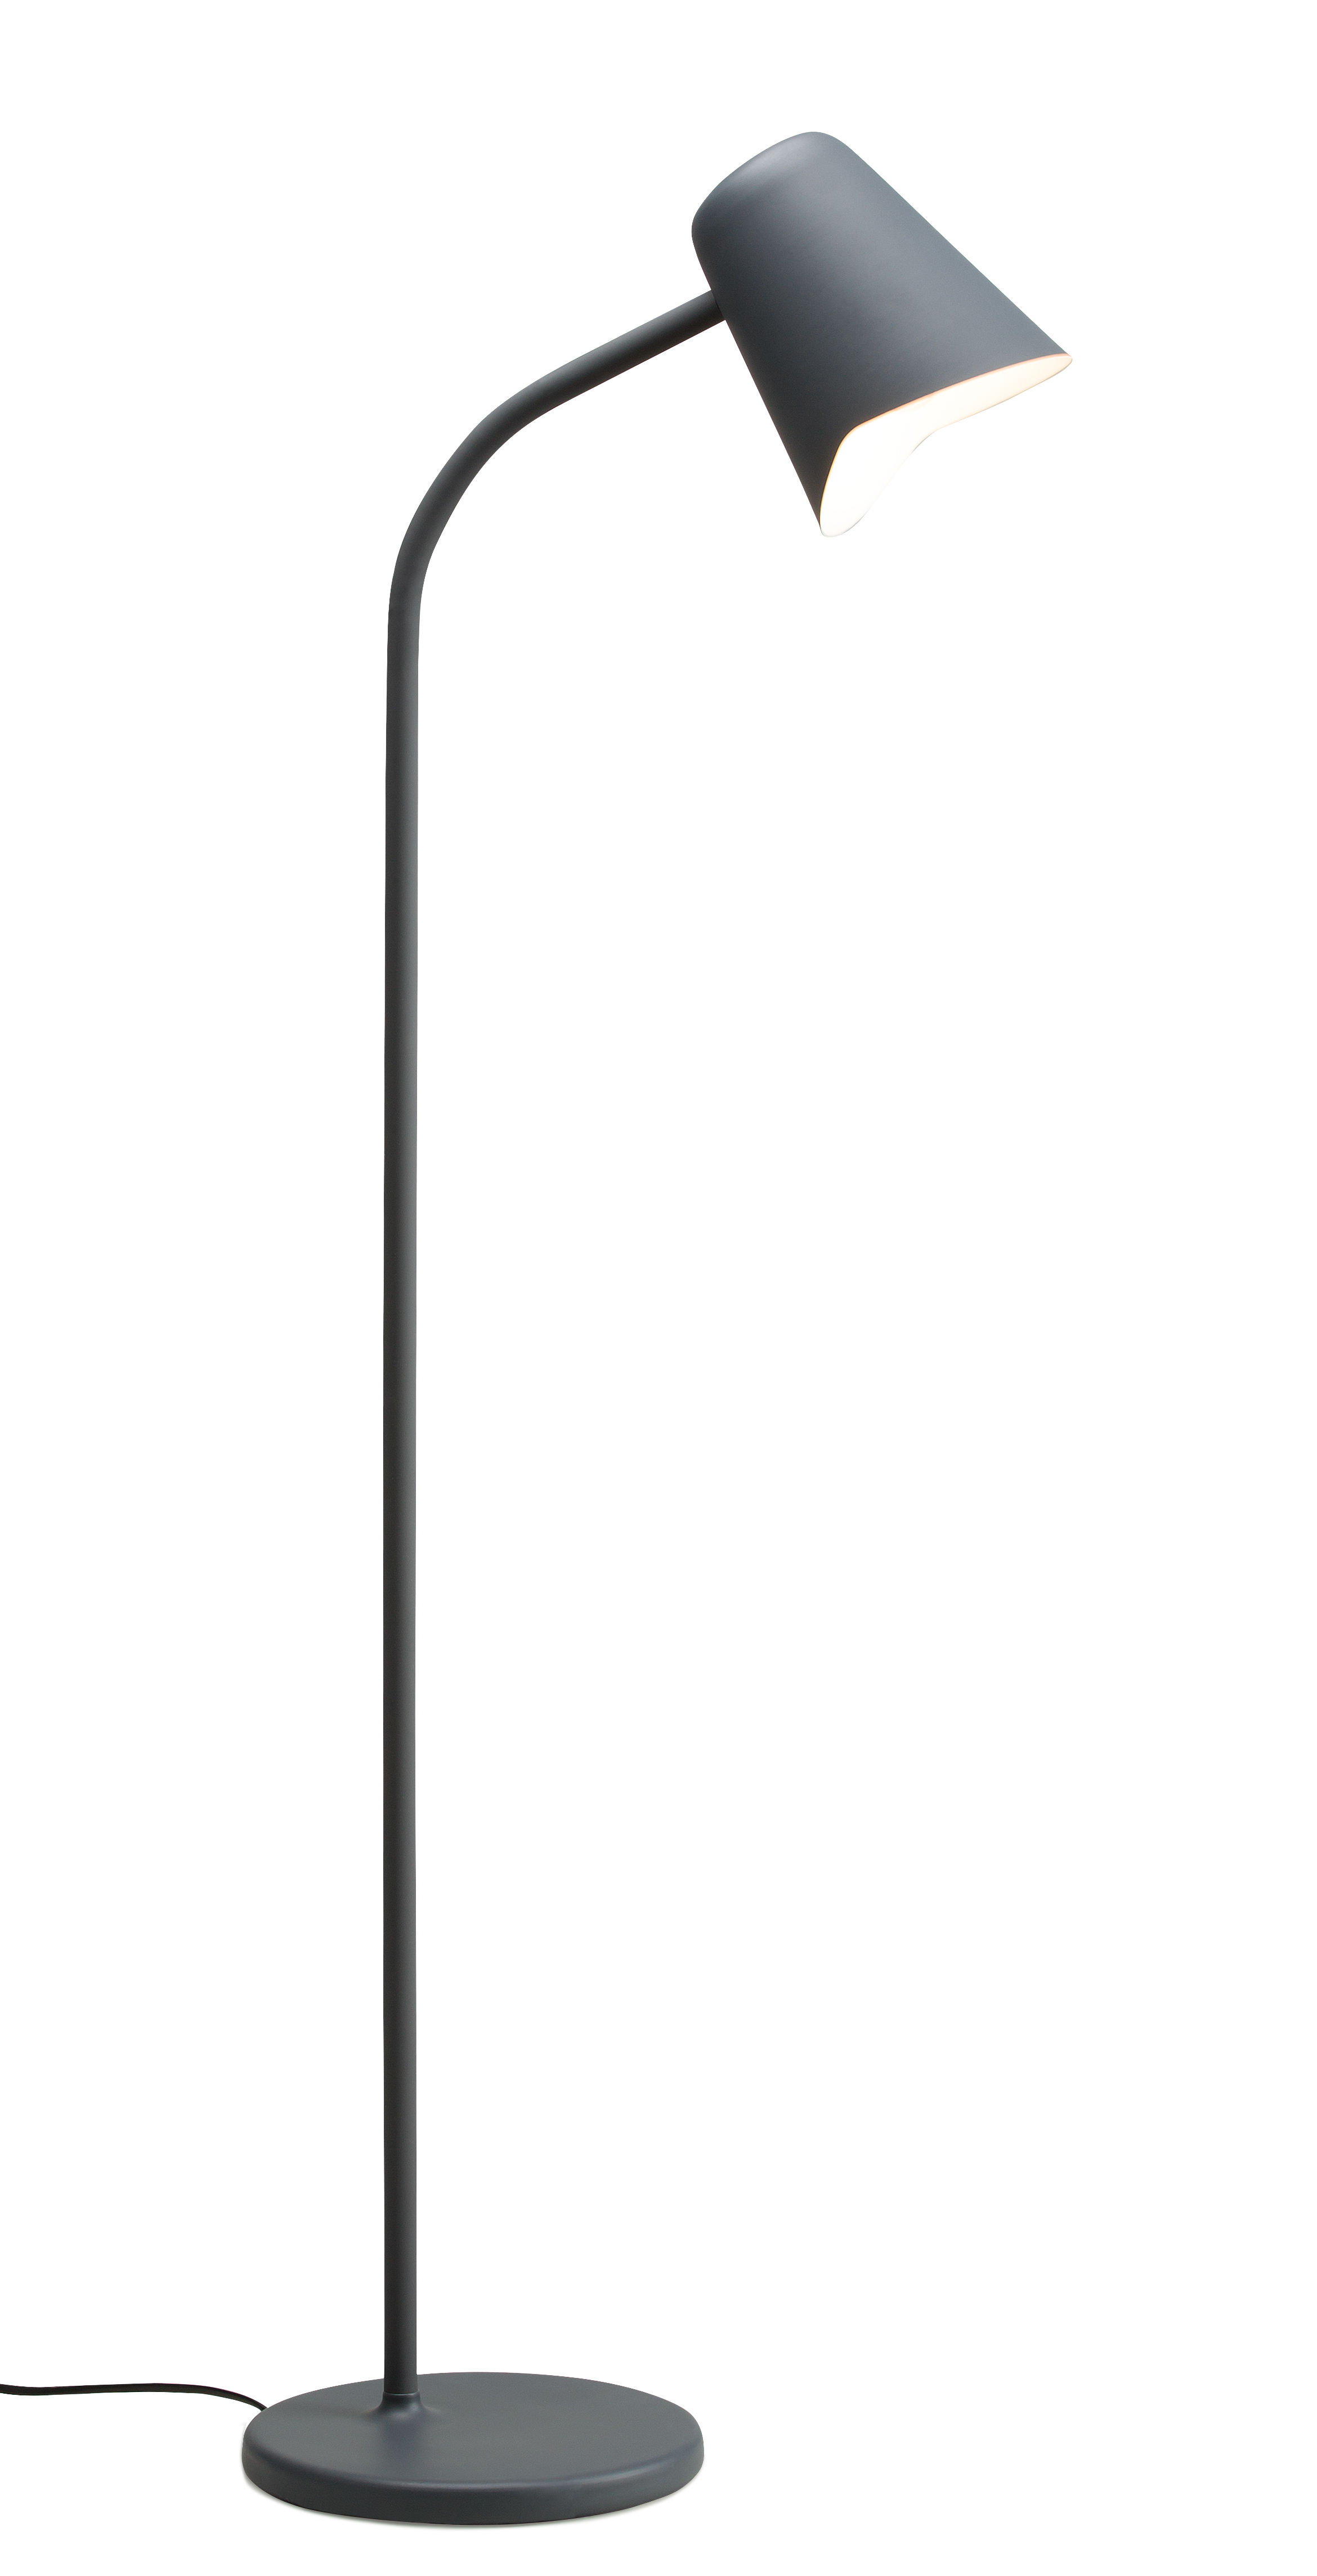 Luminaire - Lampadaires - Lampadaire Me / Métal - Orientable - Northern  - Gris - Acier, Silicone